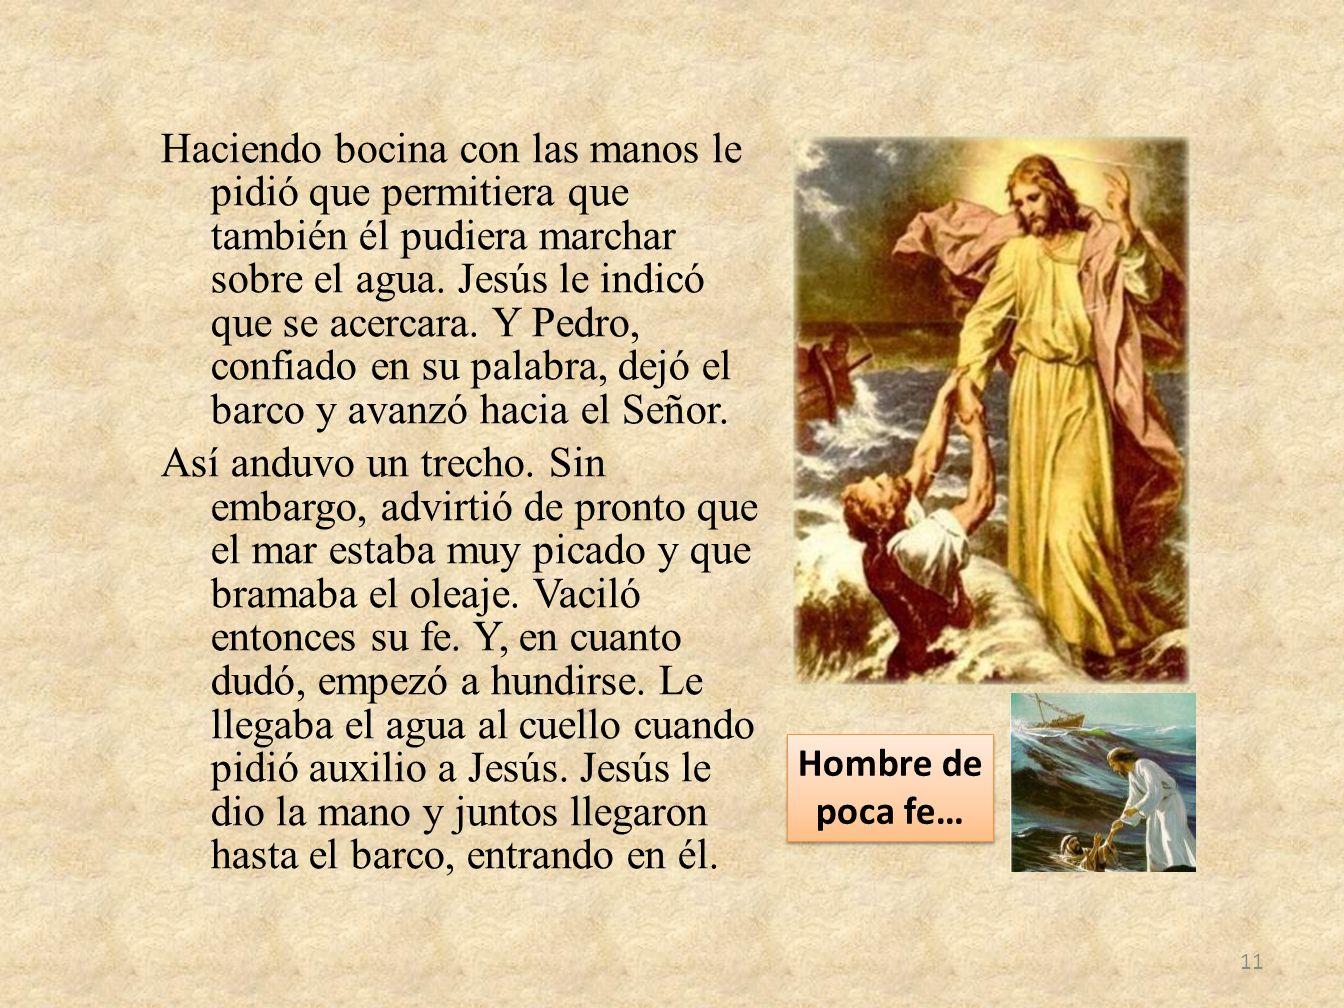 Haciendo bocina con las manos le pidió que permitiera que también él pudiera marchar sobre el agua. Jesús le indicó que se acercara. Y Pedro, confiado en su palabra, dejó el barco y avanzó hacia el Señor. Así anduvo un trecho. Sin embargo, advirtió de pronto que el mar estaba muy picado y que bramaba el oleaje. Vaciló entonces su fe. Y, en cuanto dudó, empezó a hundirse. Le llegaba el agua al cuello cuando pidió auxilio a Jesús. Jesús le dio la mano y juntos llegaron hasta el barco, entrando en él.